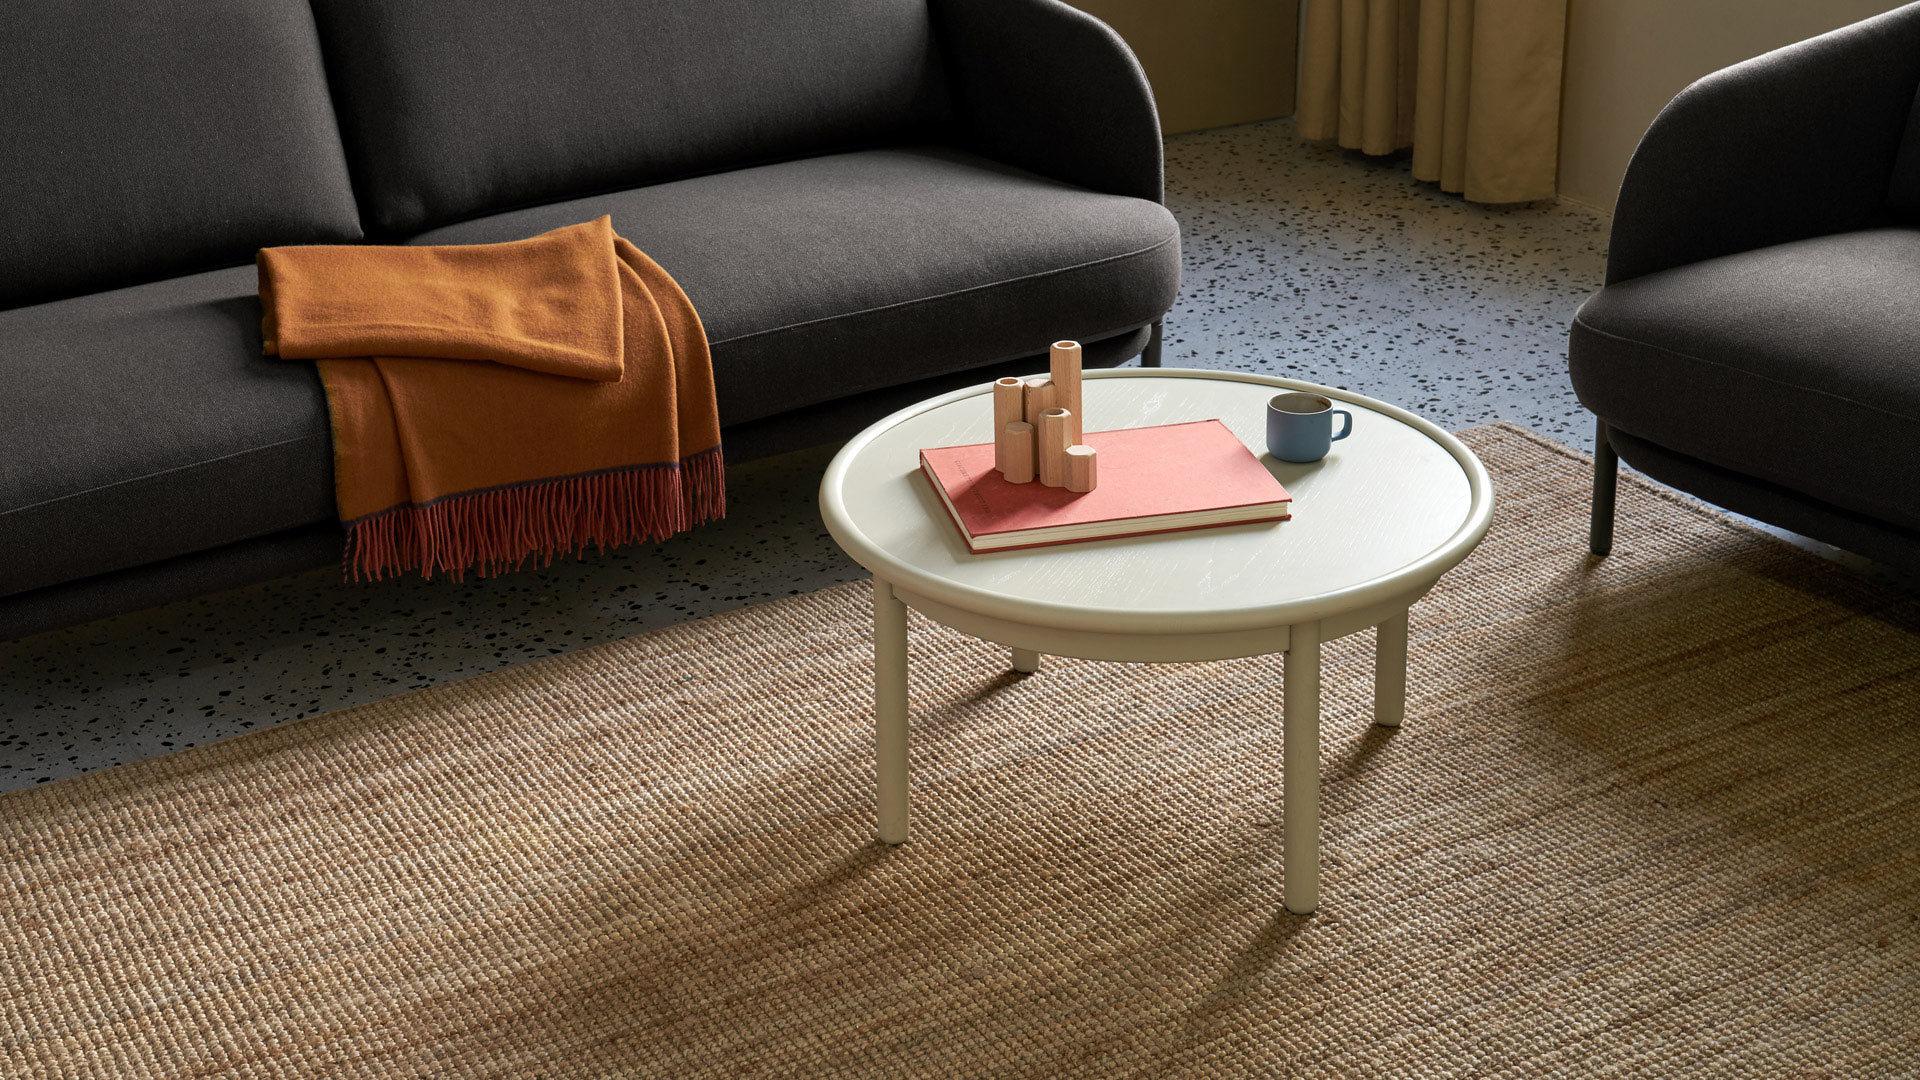 把视线收拢,为紧凑客厅释放空间